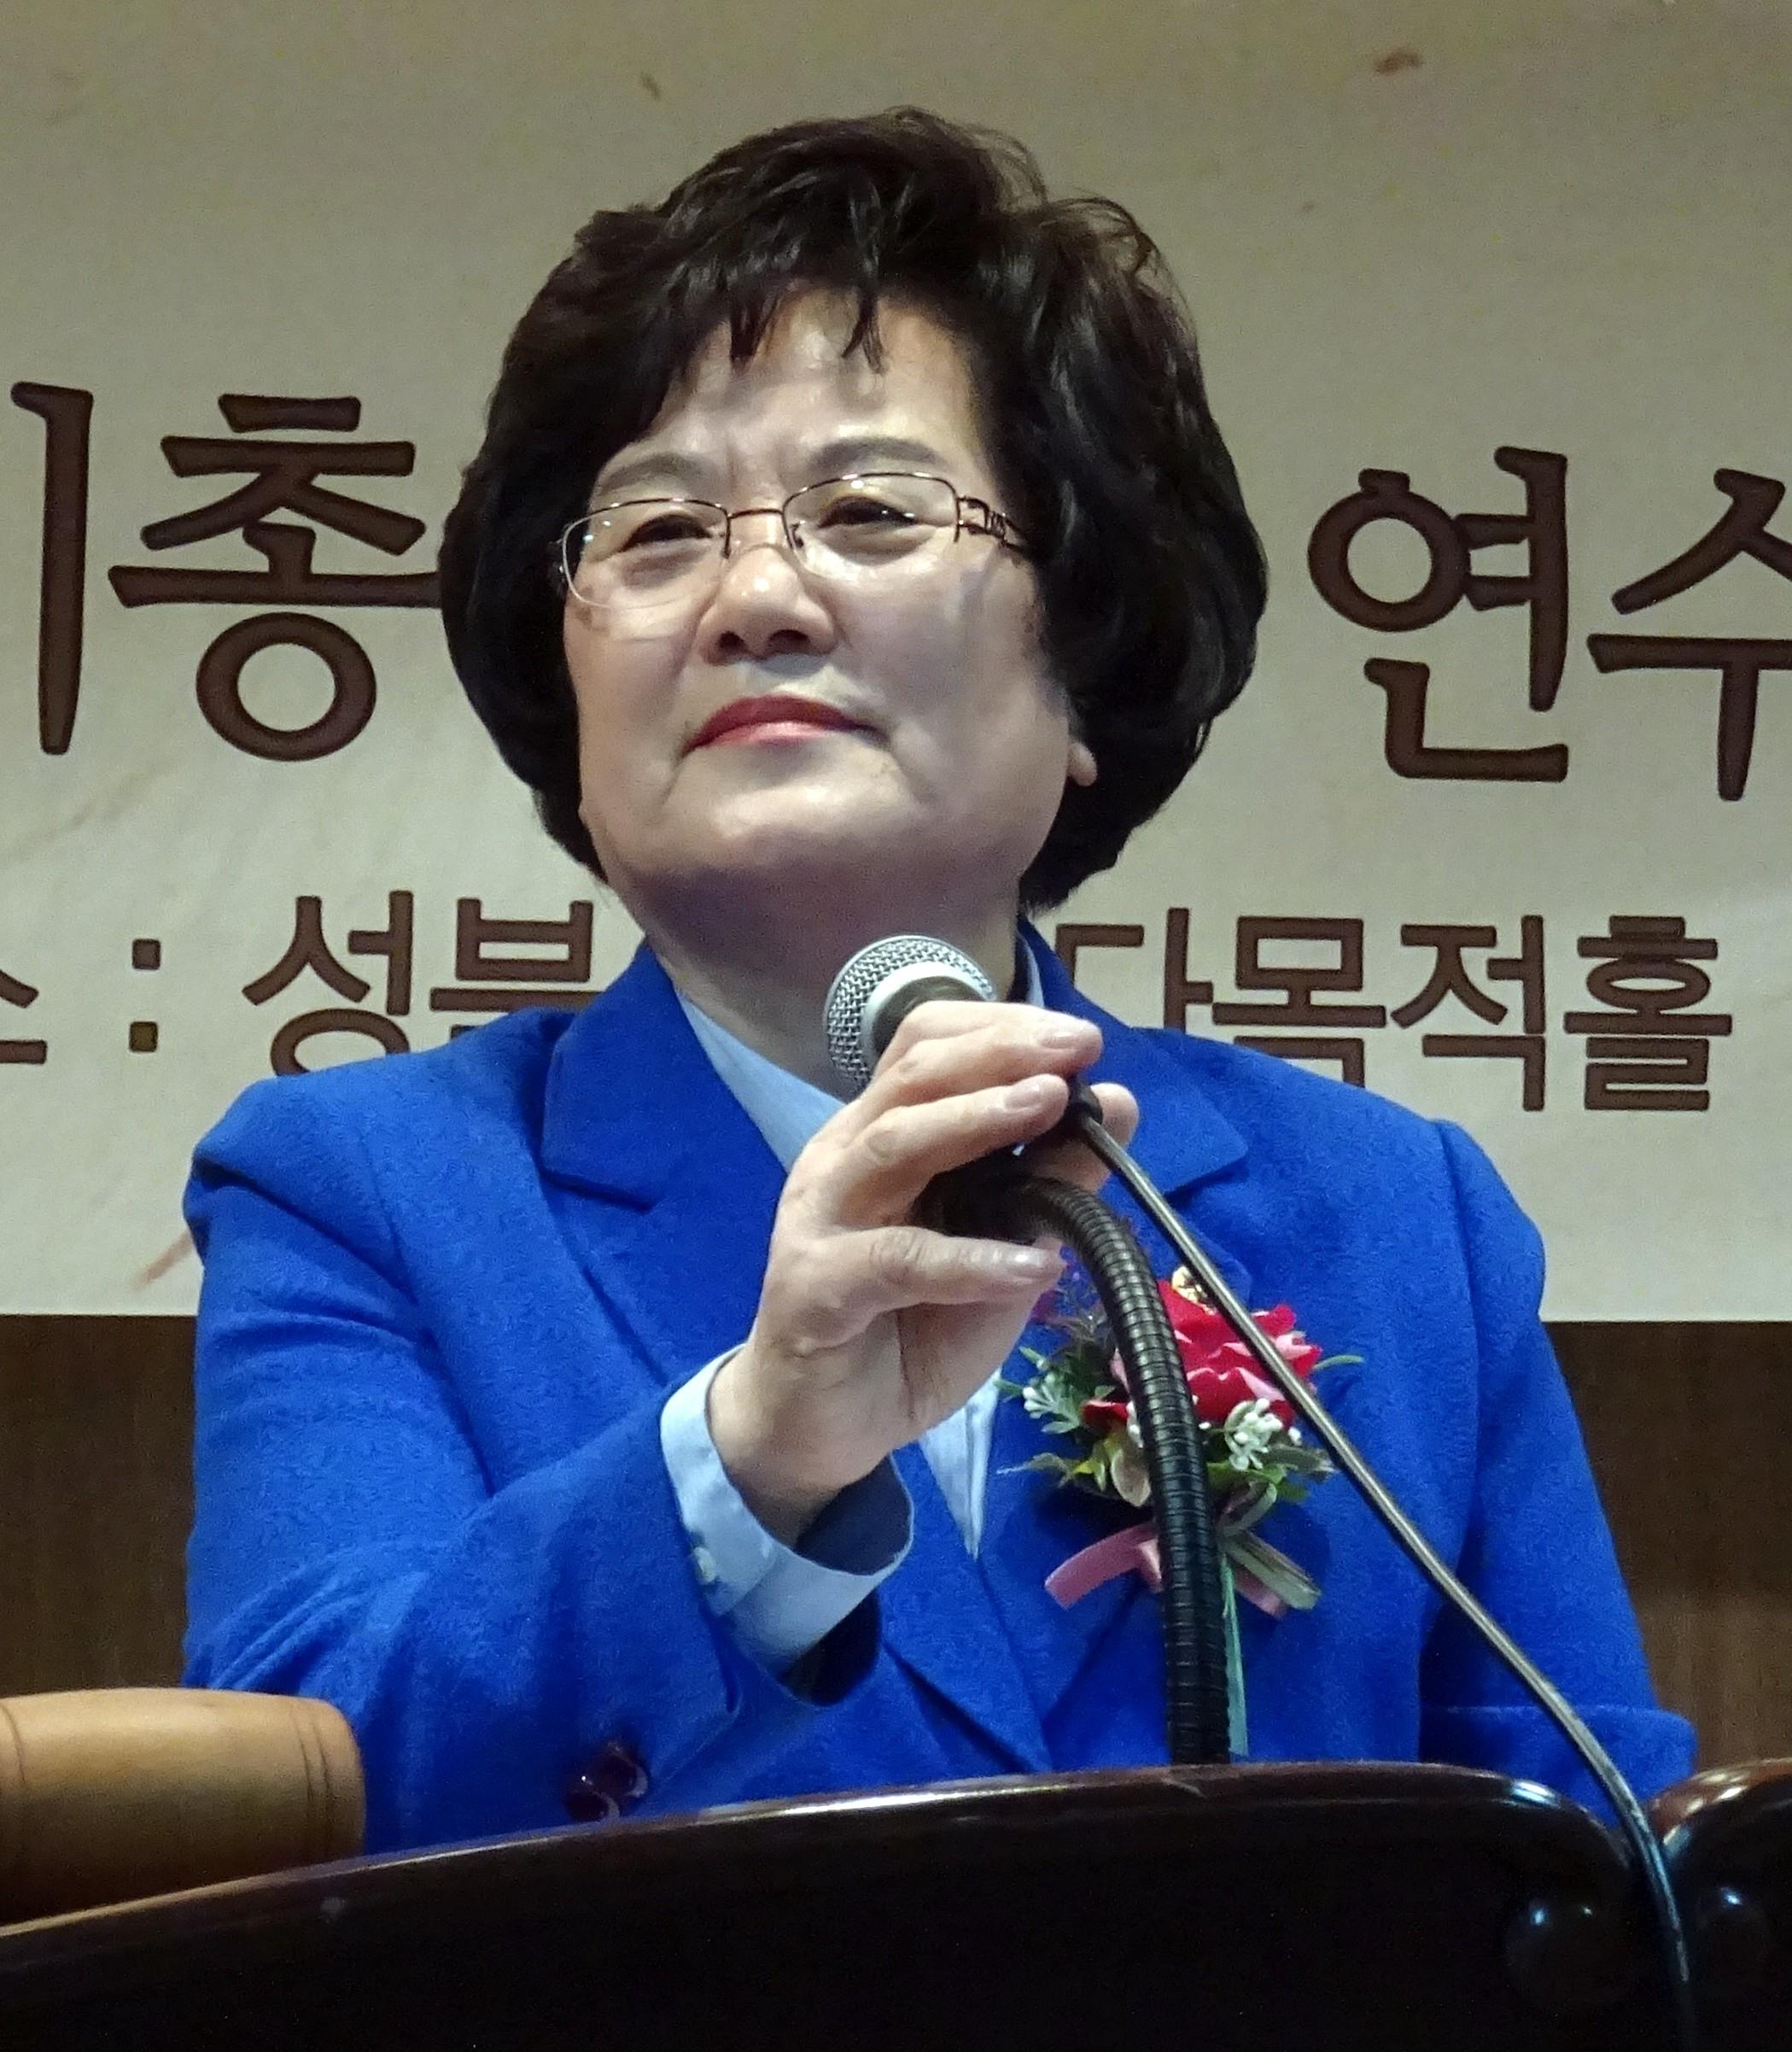 전영옥 성북구약사회장